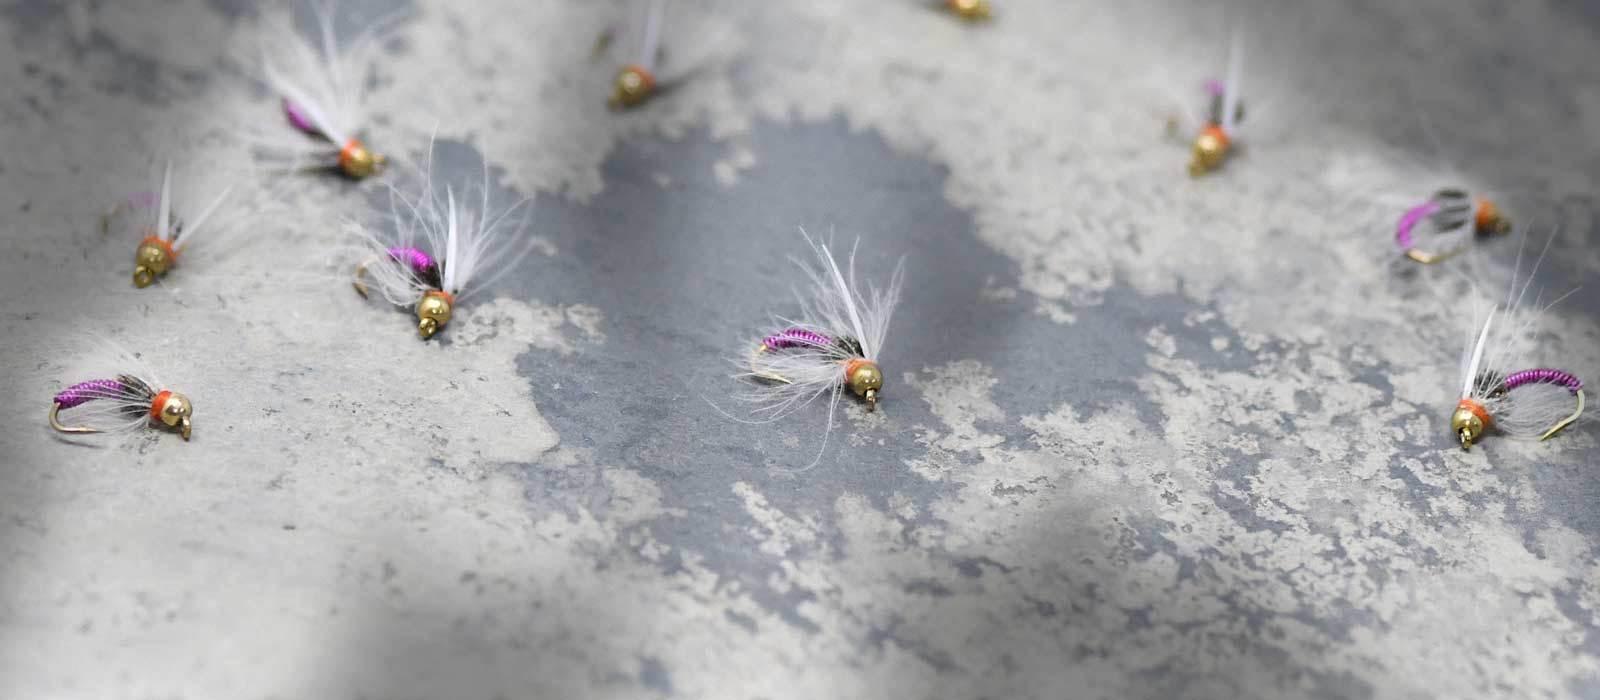 2017 Reelflies™ Fishing Flies